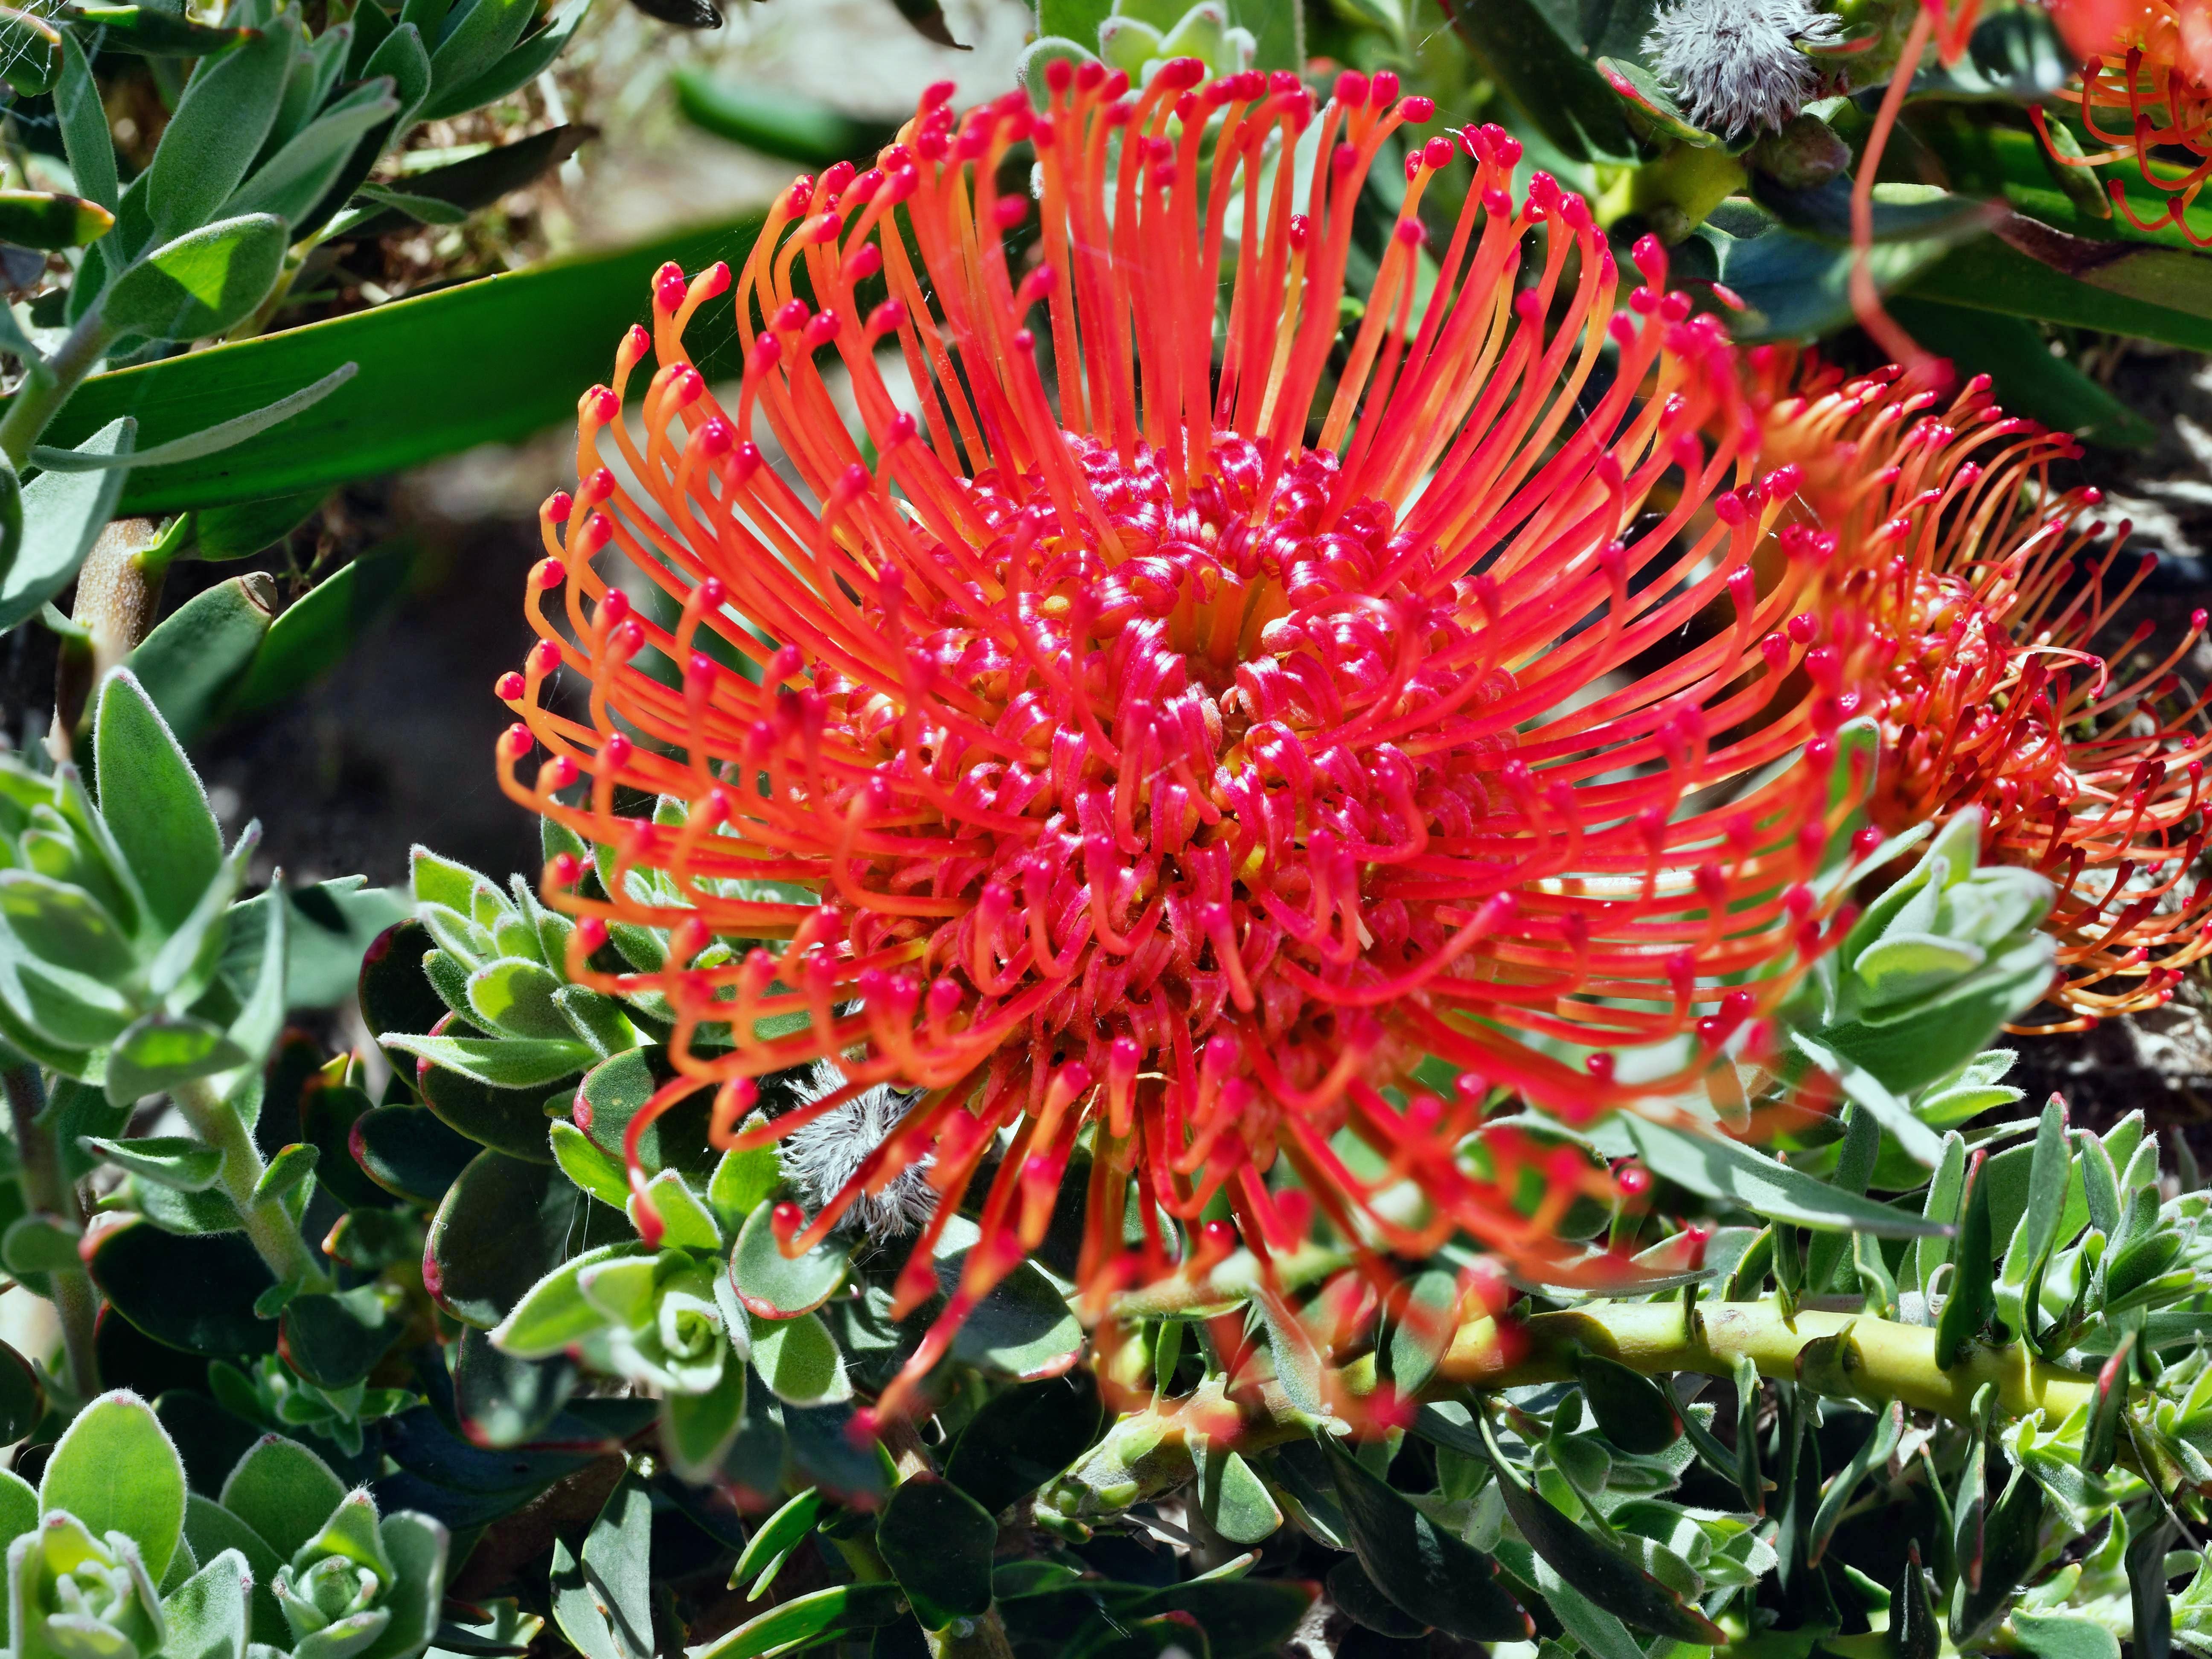 Leucospermum-cordifolium-3.jpeg